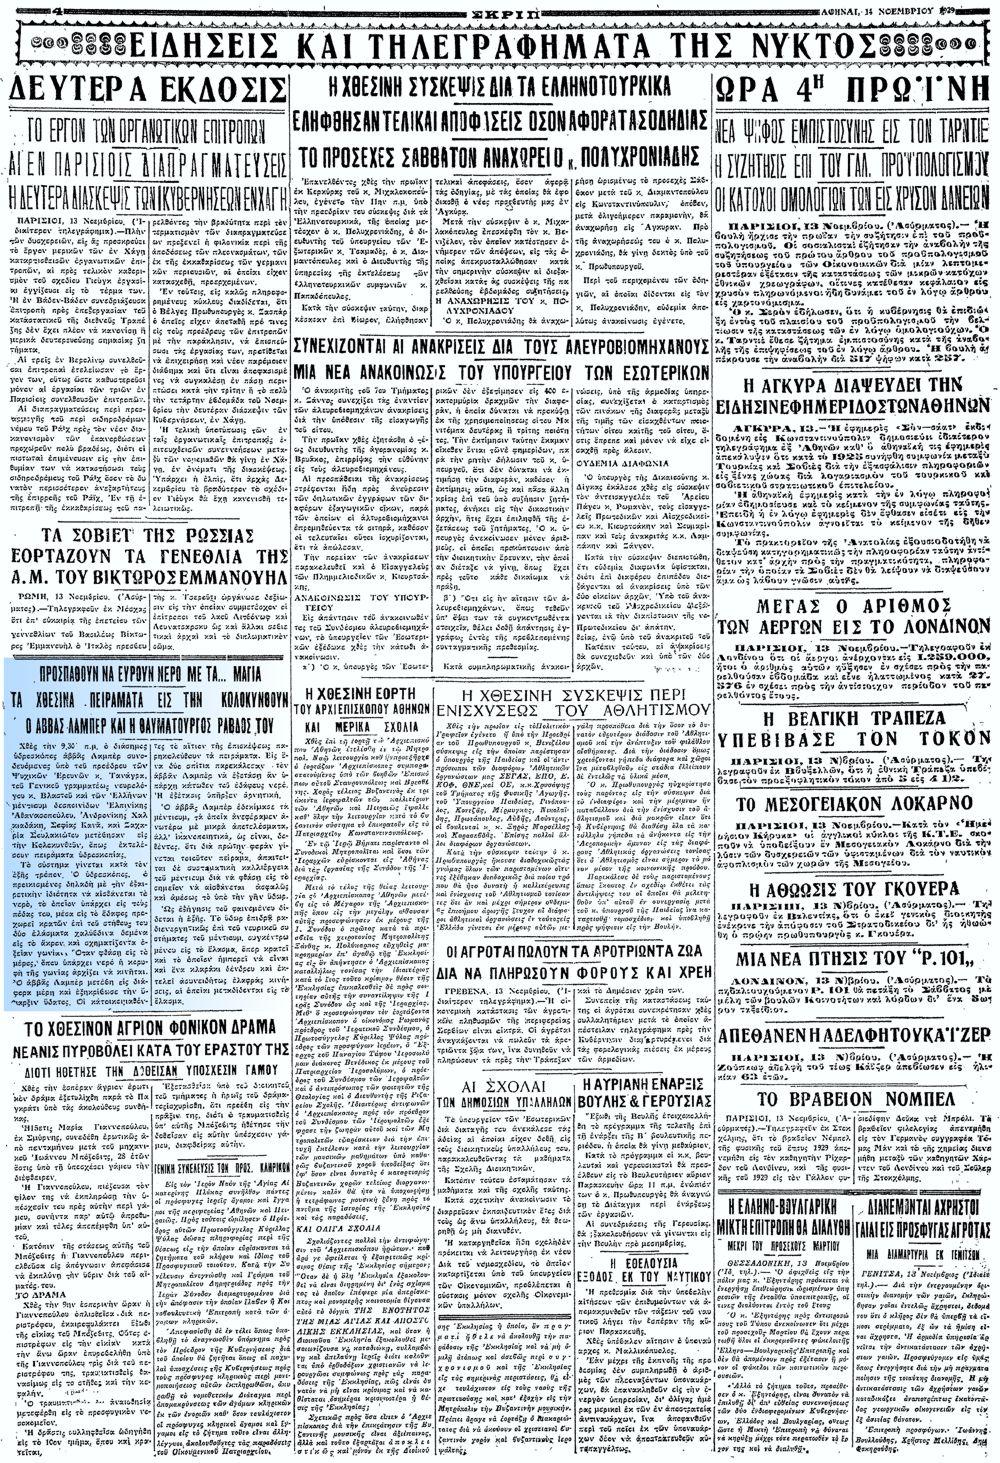 """Το άρθρο, όπως δημοσιεύθηκε στην εφημερίδα """"ΣΚΡΙΠ"""", στις 14/11/1929"""